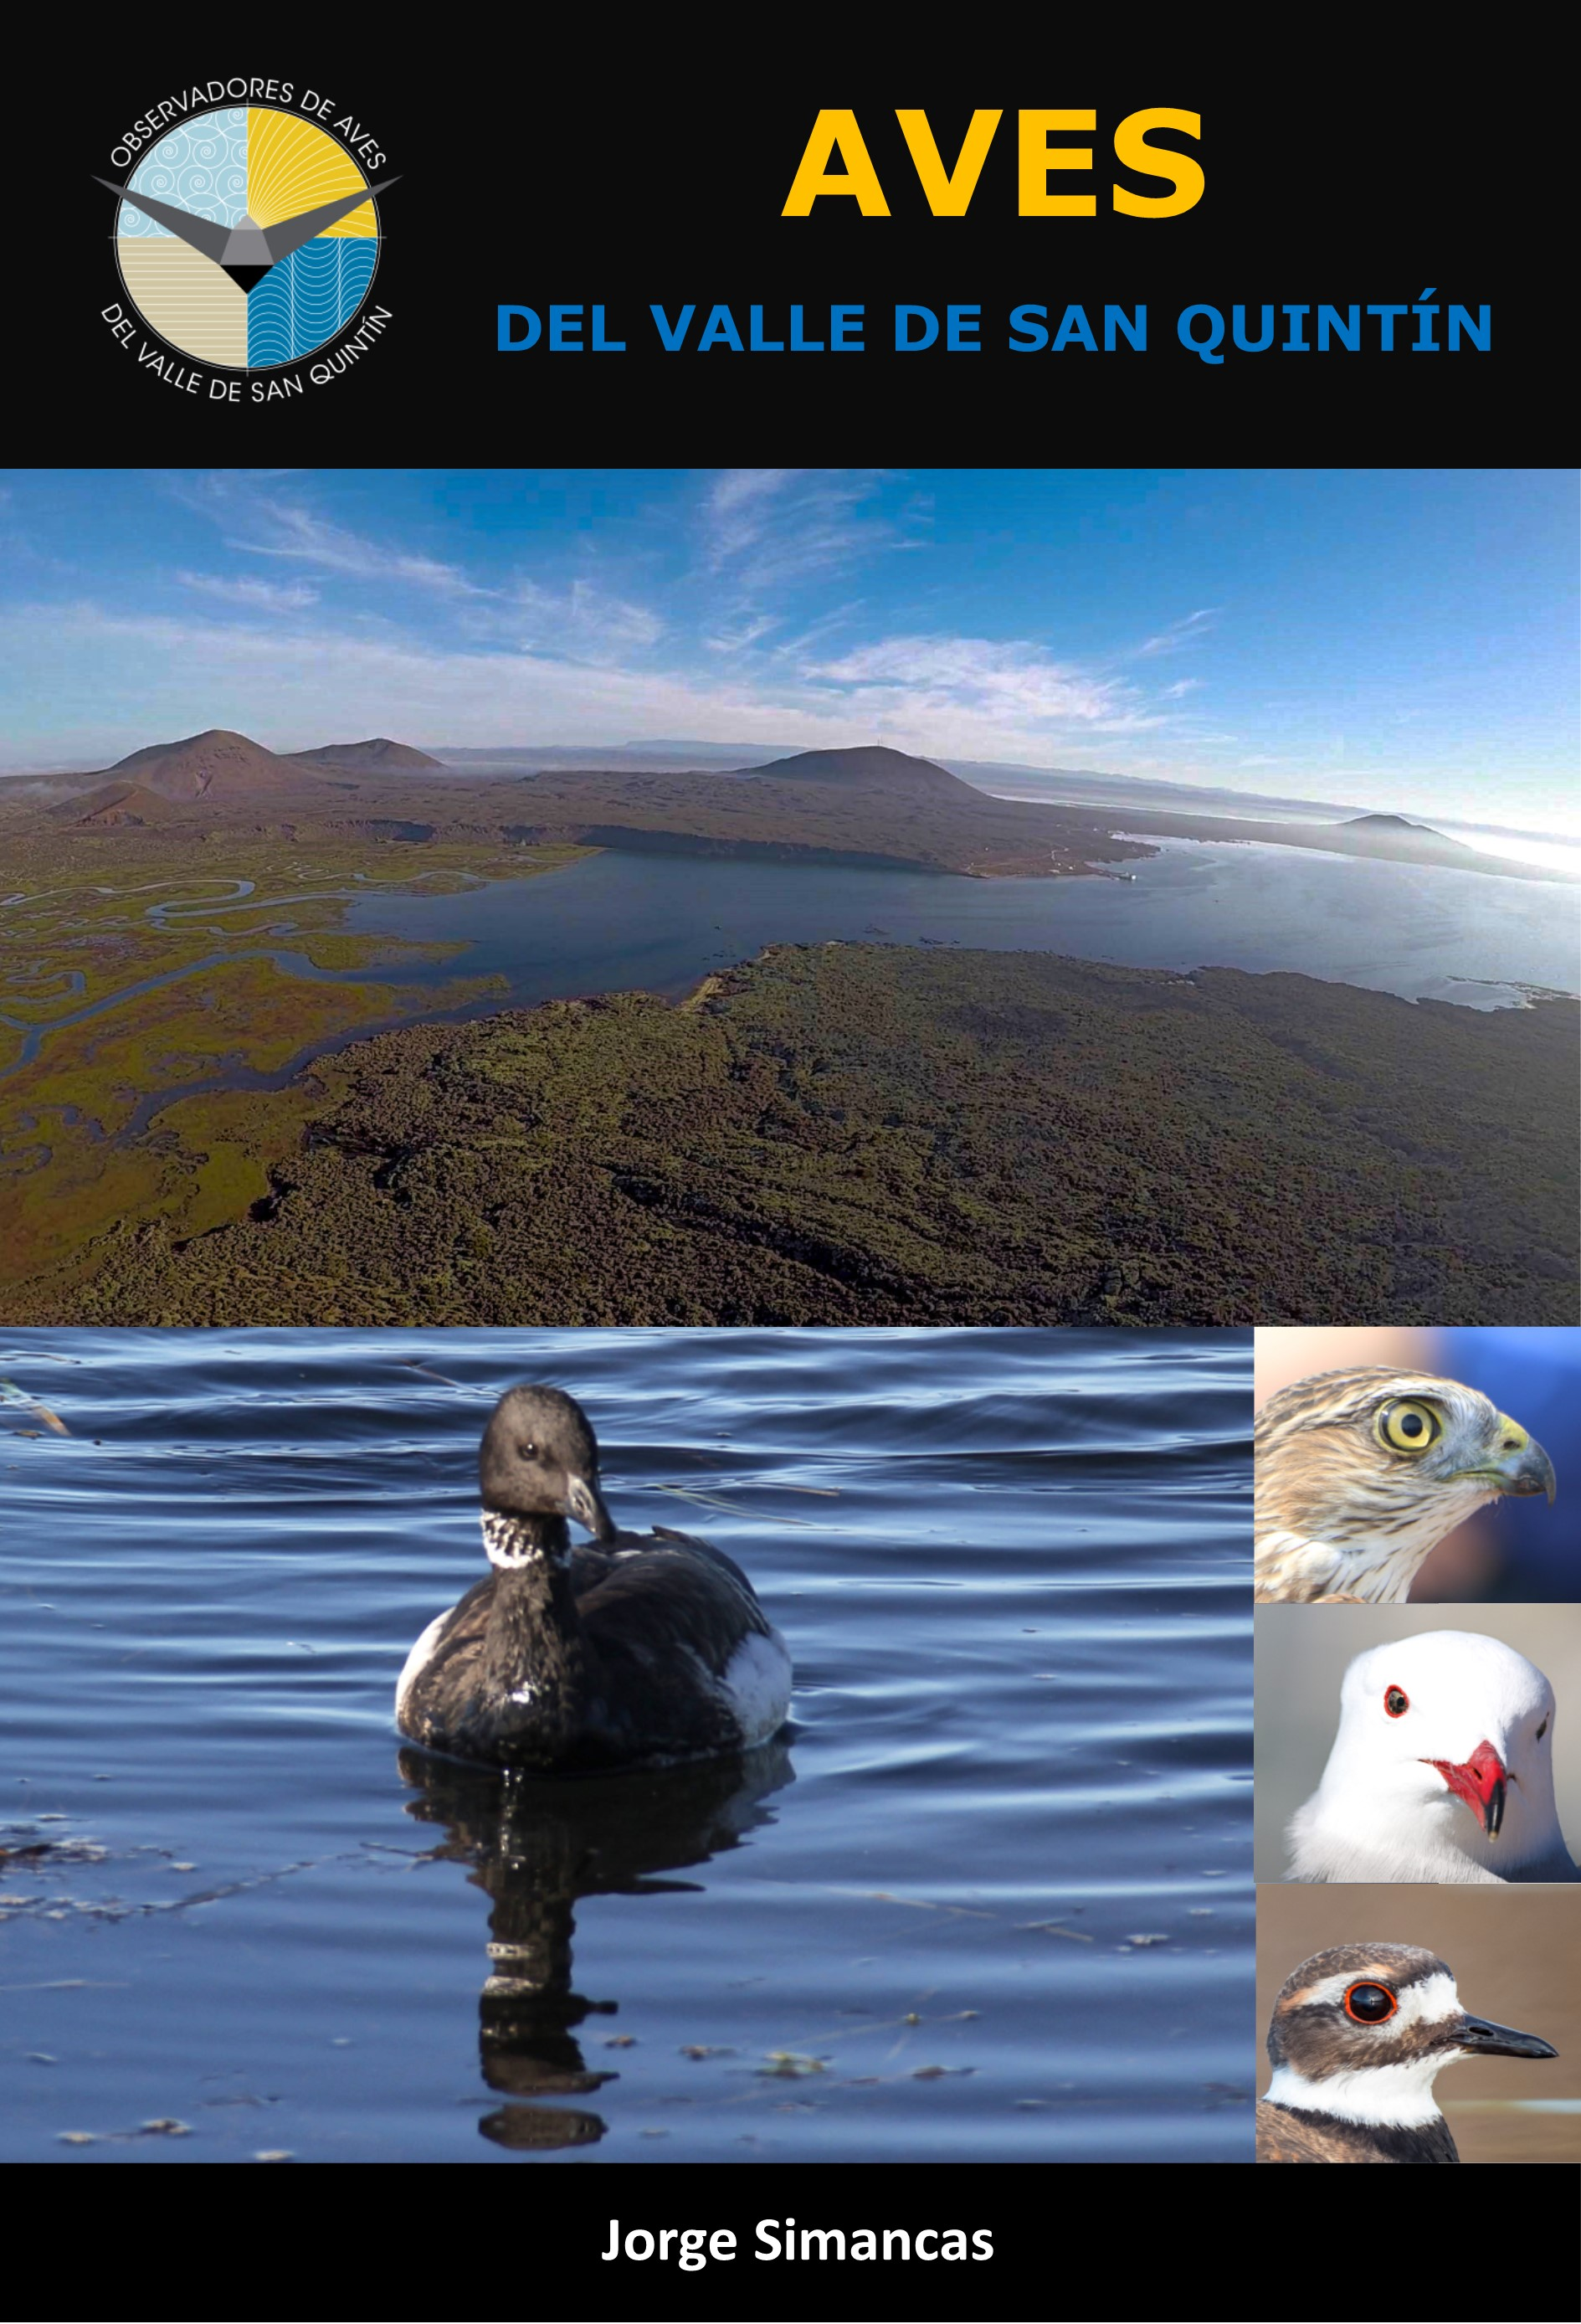 Guía de aves del Valle de San Quintín. san quintín bird guide. ADQUIERE ESTA GUÍA EN LAS INSTALACIÓNES DEL JARDÍN. adquire this guide at JARDÍN BOTANICO.